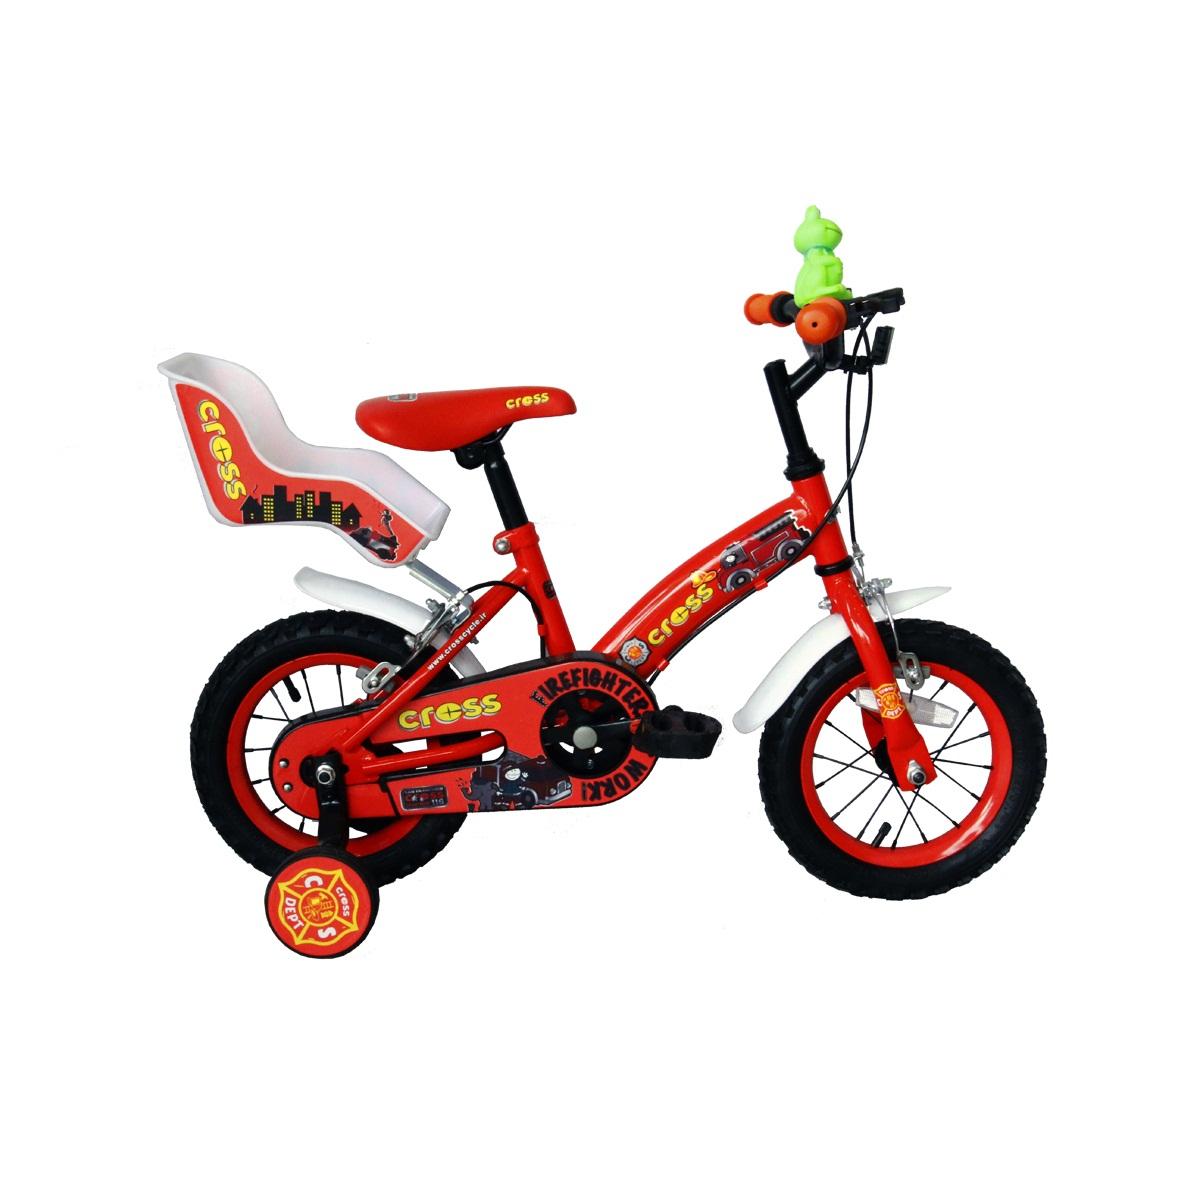 دوچرخه شهری کراس مدل FIREFIGHTER سایز 12